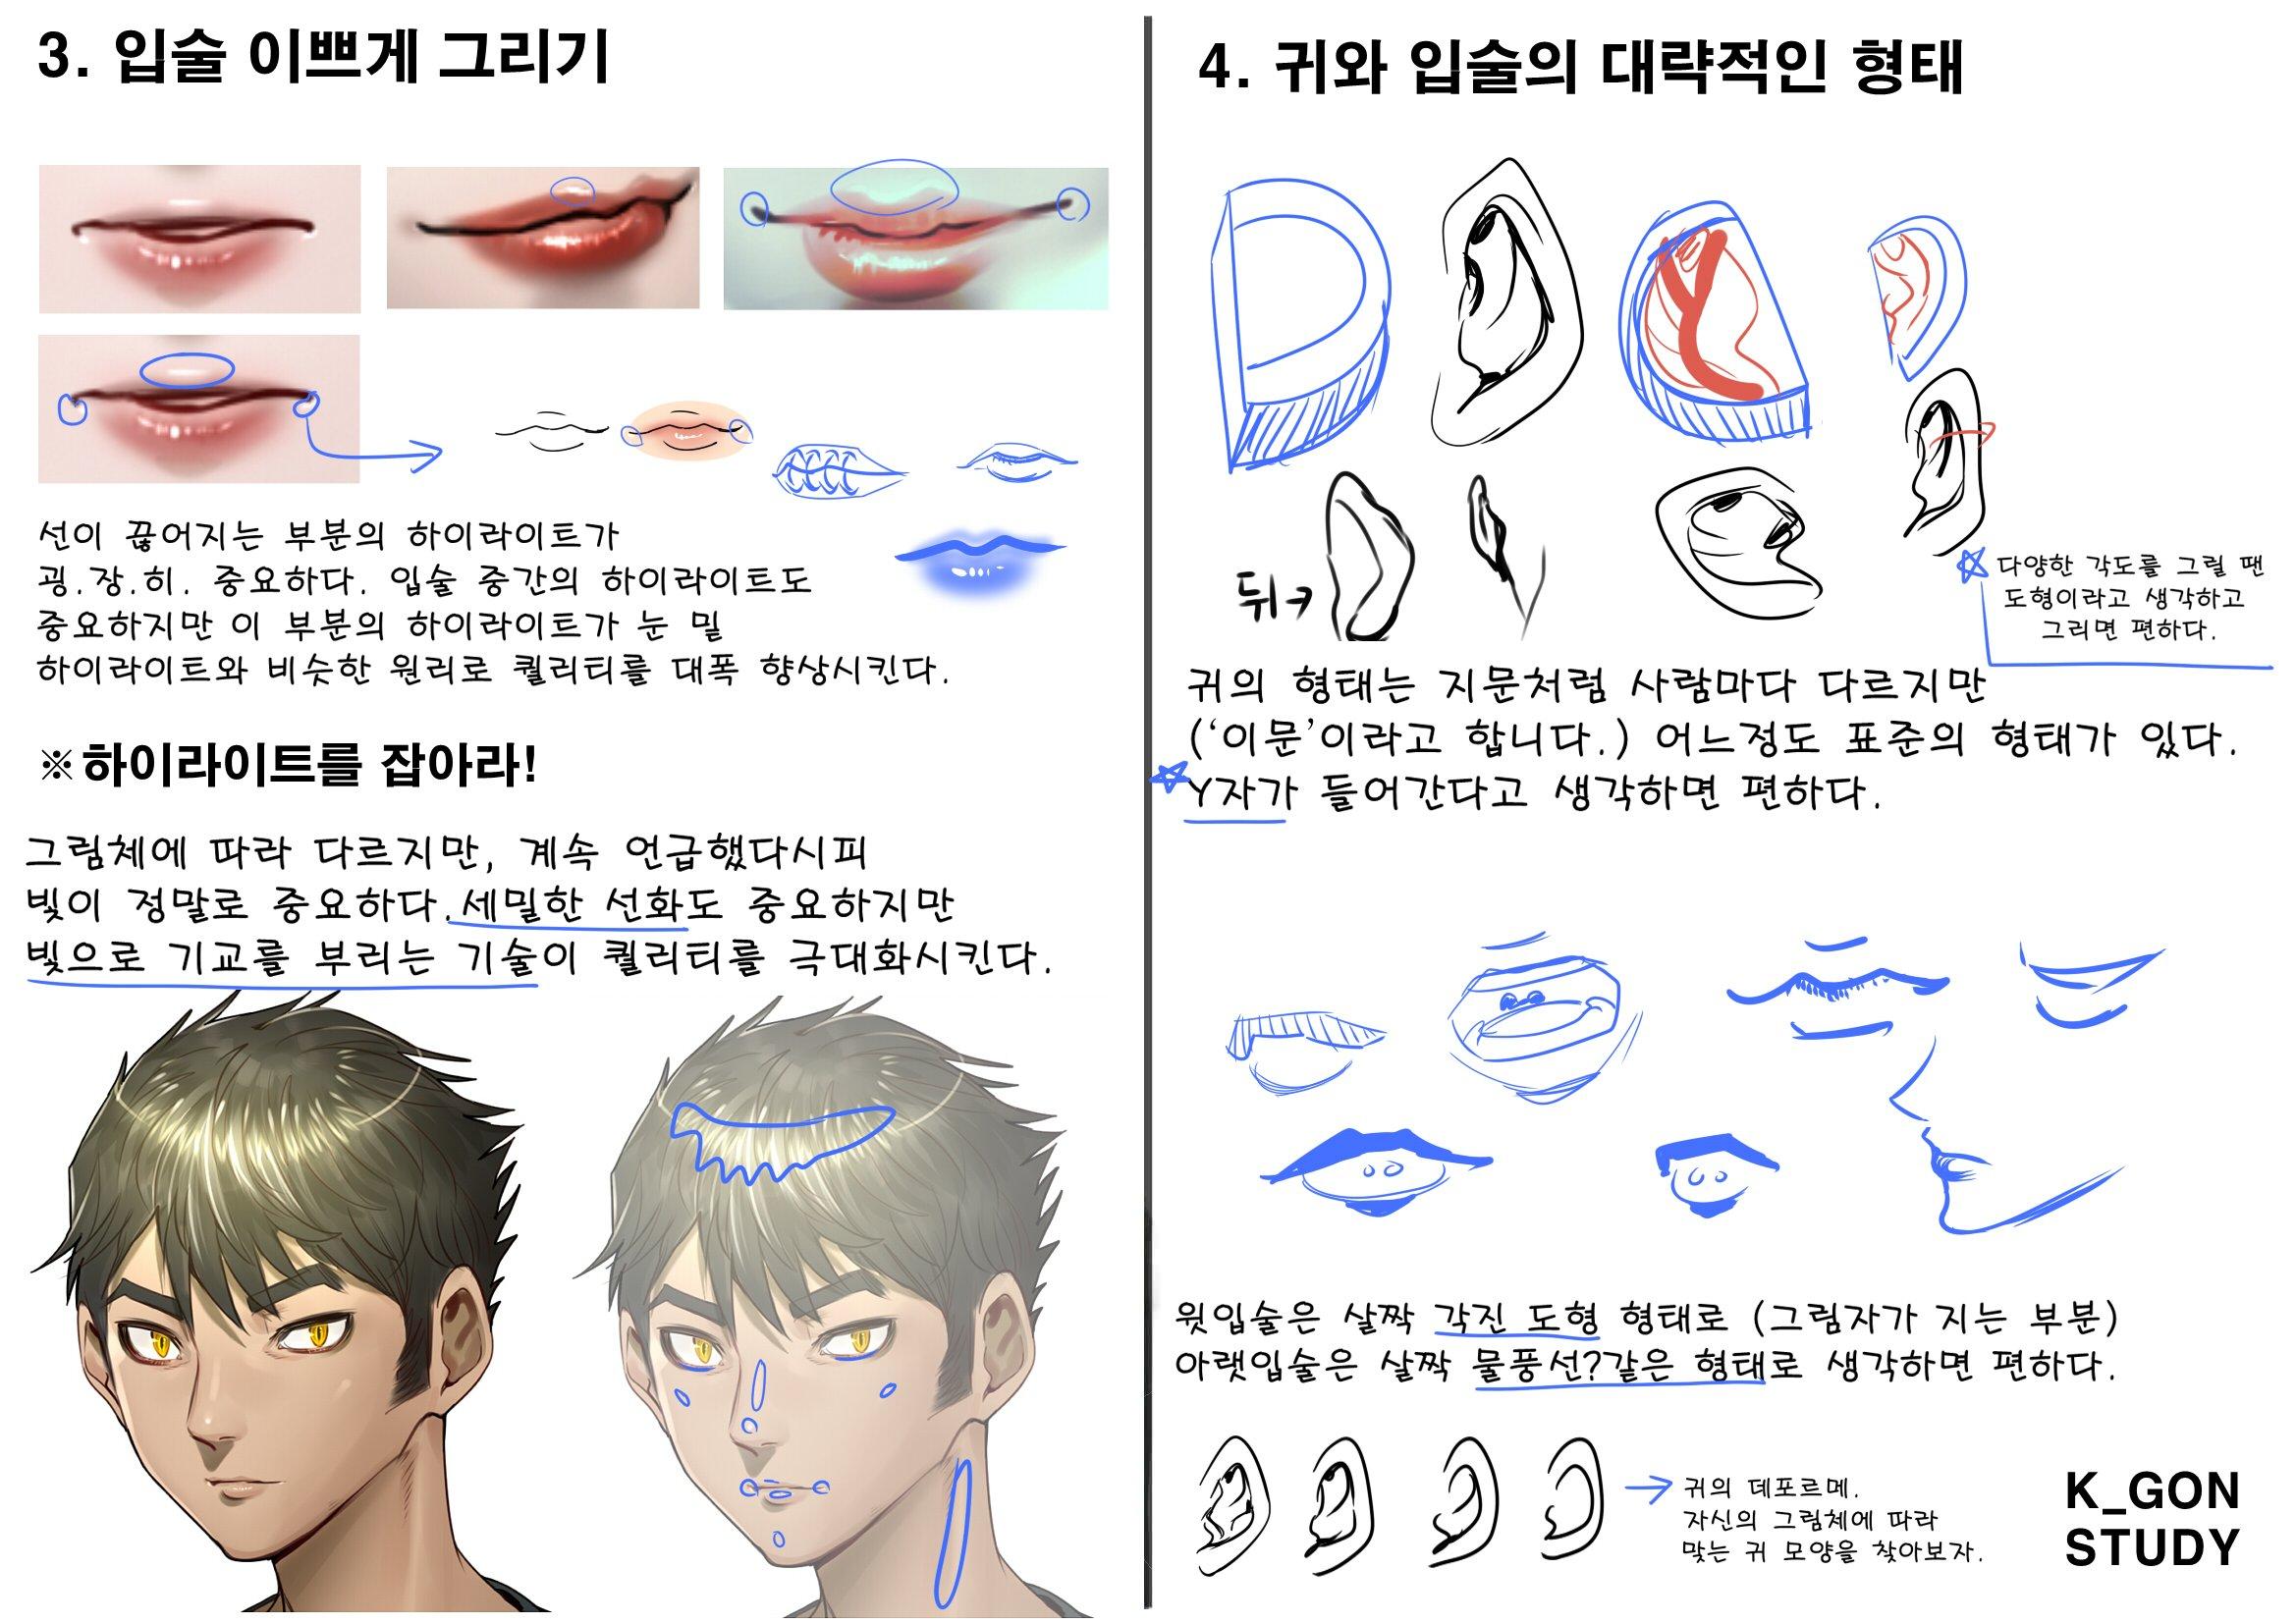 케이곤의 사이툴 기초 얼굴 드로잉/채색 강좌 4 - 입술 이쁘게 그리기, 귀와 입술의 대략적인 형태